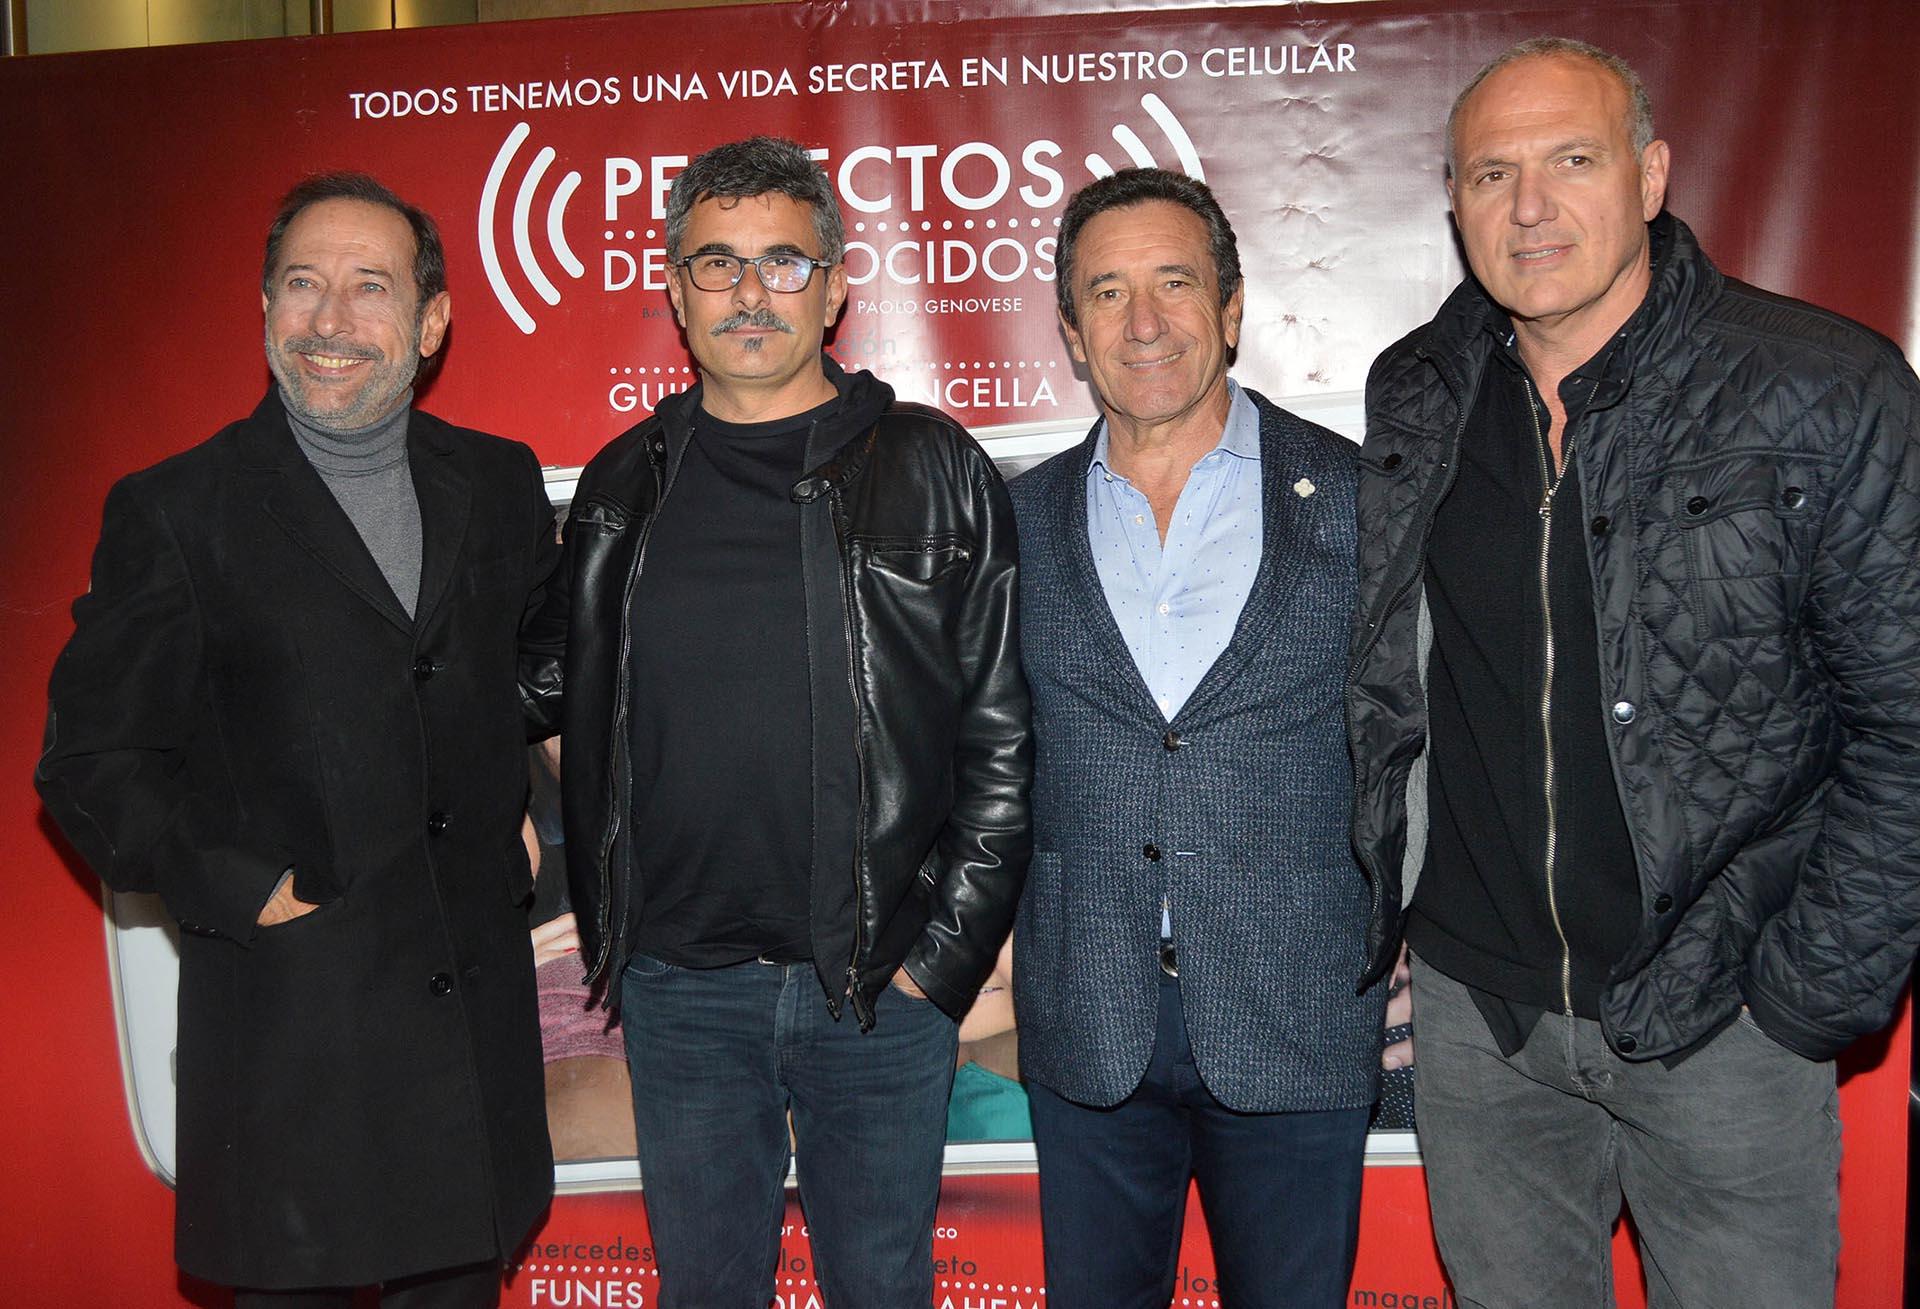 Guillermo Francella -Director de la obra-, Paolo Genovese -Autor y Director de la película- , Luis Scalella -Productor- y Pablo Kompel -CEO del Paseo La Plaza.